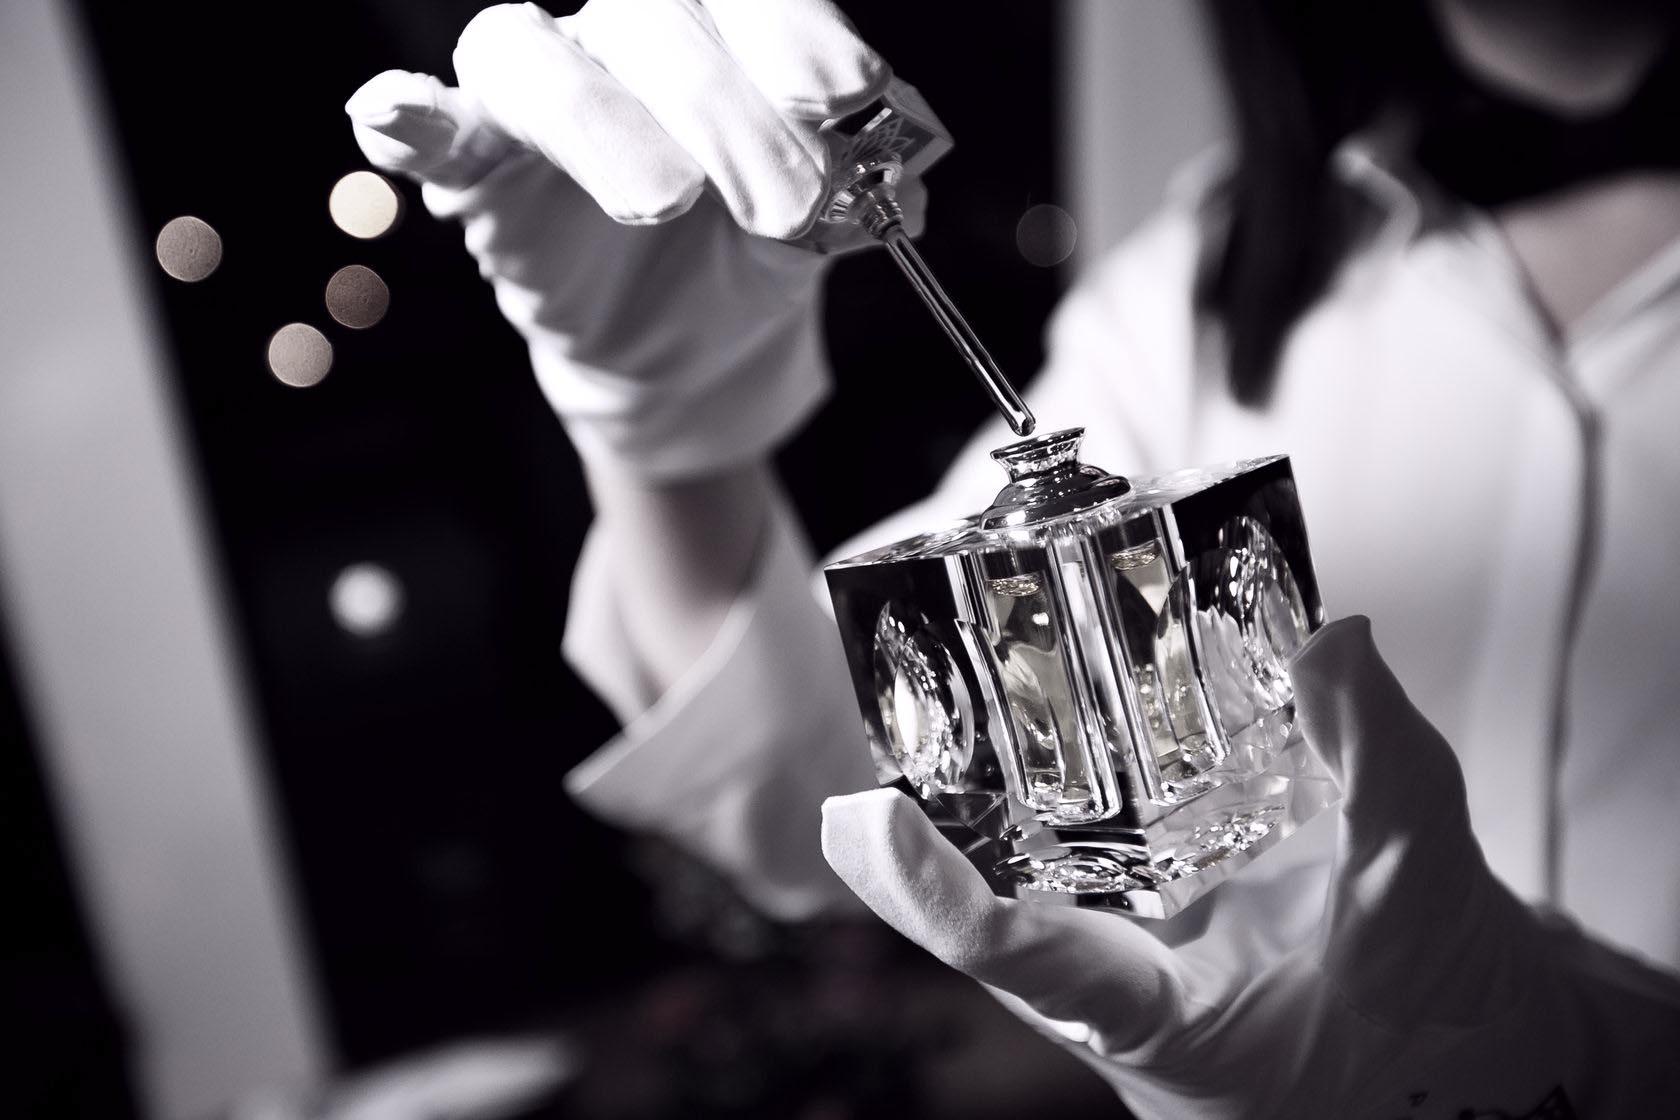 Удомельский «парфюмер» украл из магазина несколько флаконов туалетной воды